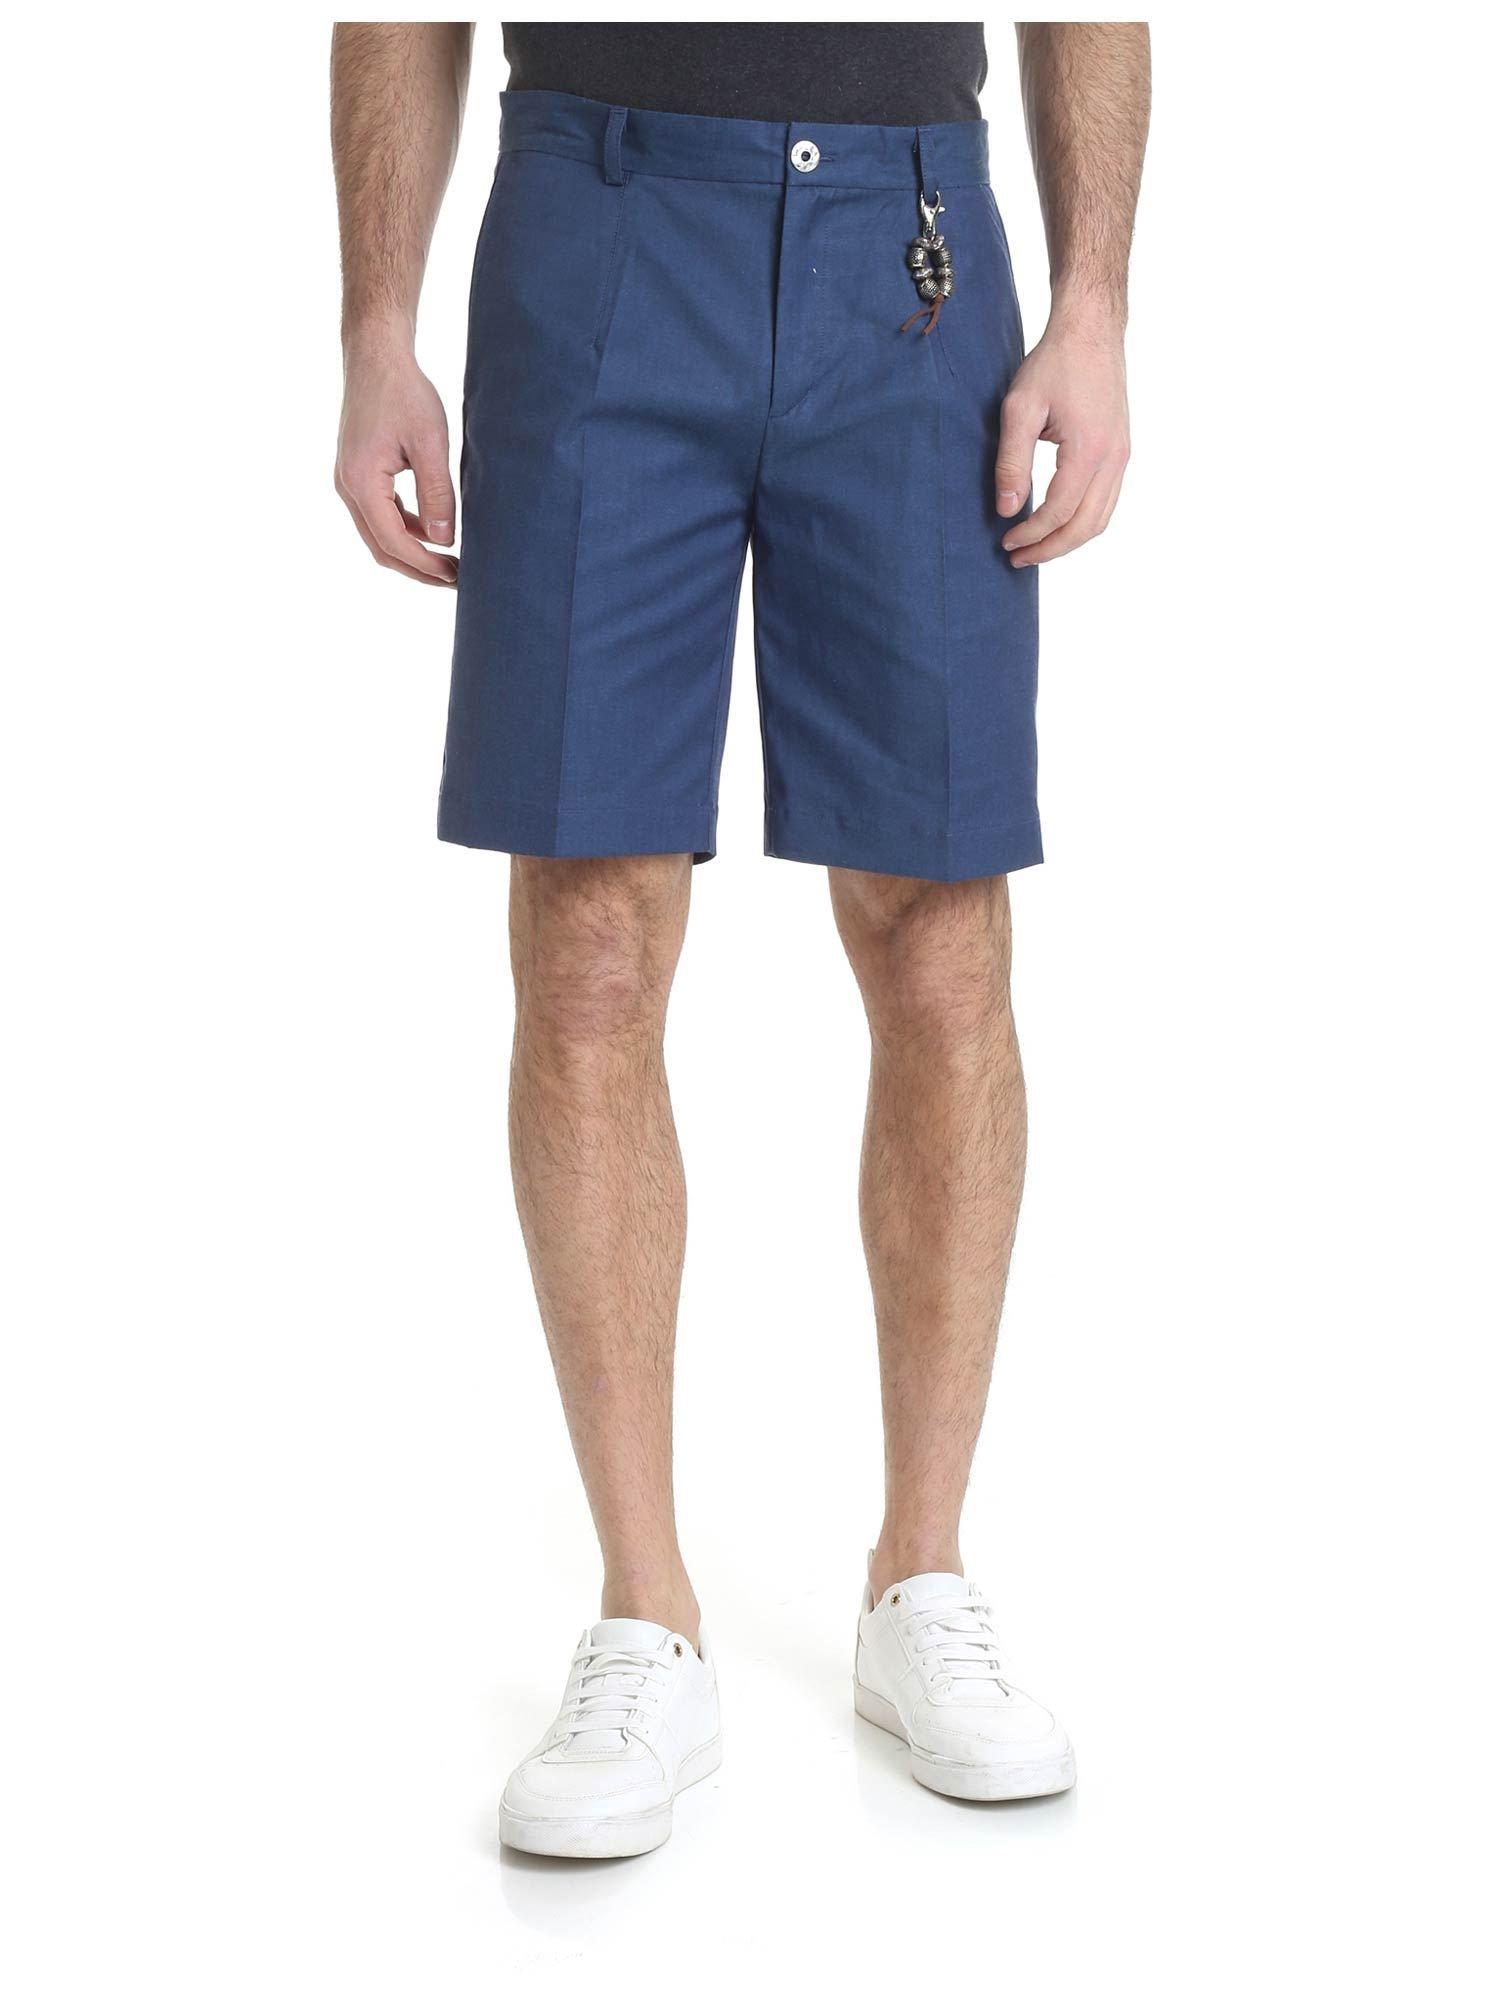 Image of Pantalone bermuda cotone blu Capri R97 C-BC